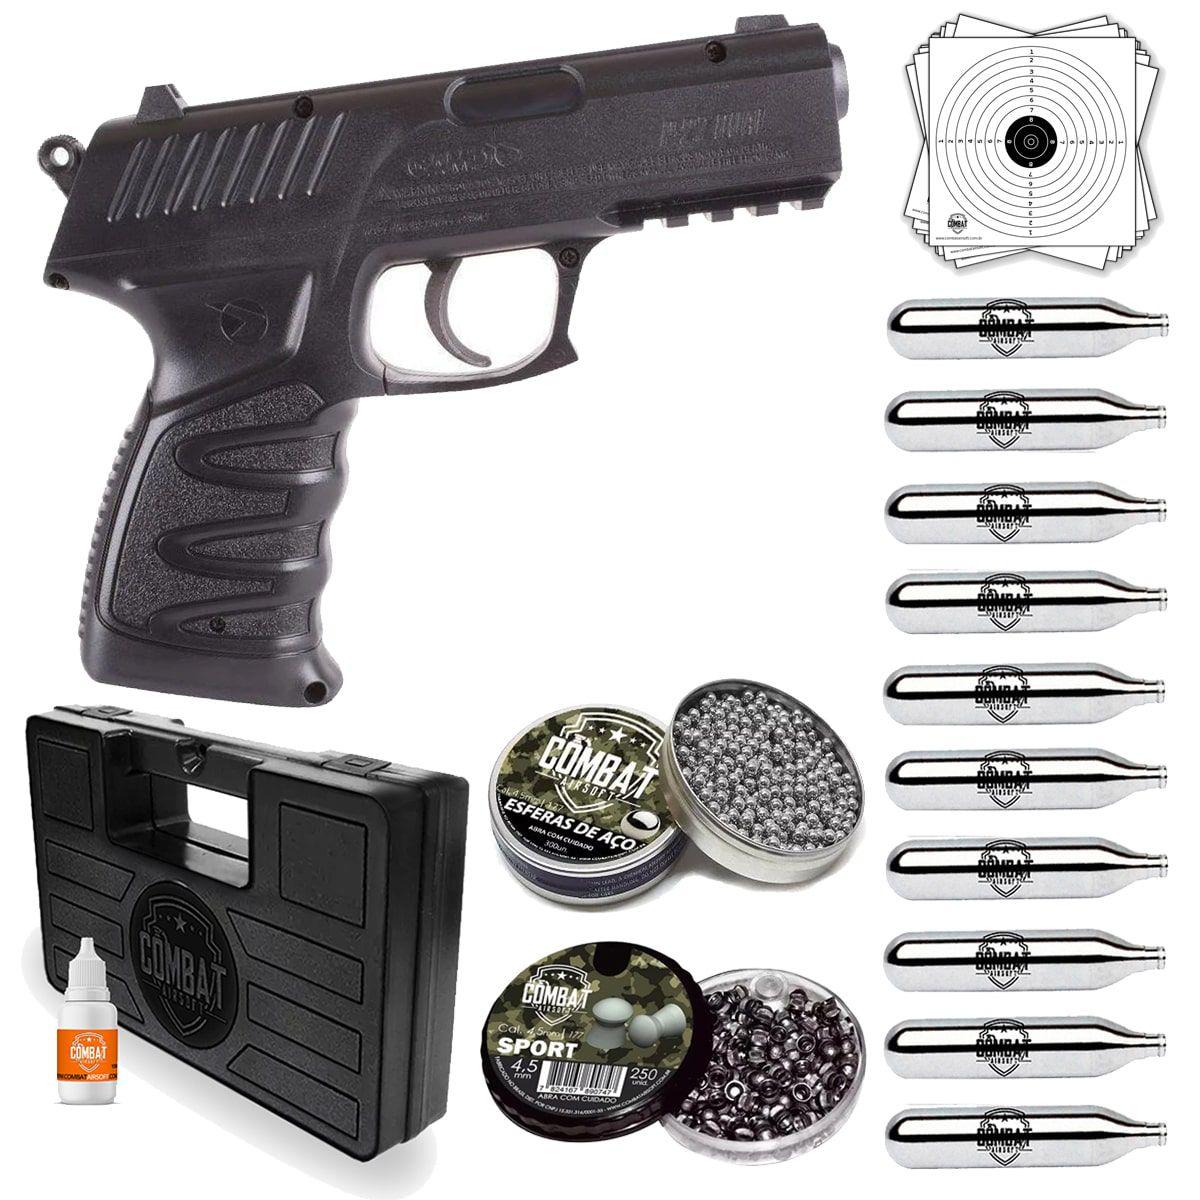 Pistola Pressão Co2 Gamo P-27 Dual + Case, Munição 4.5 E Co2